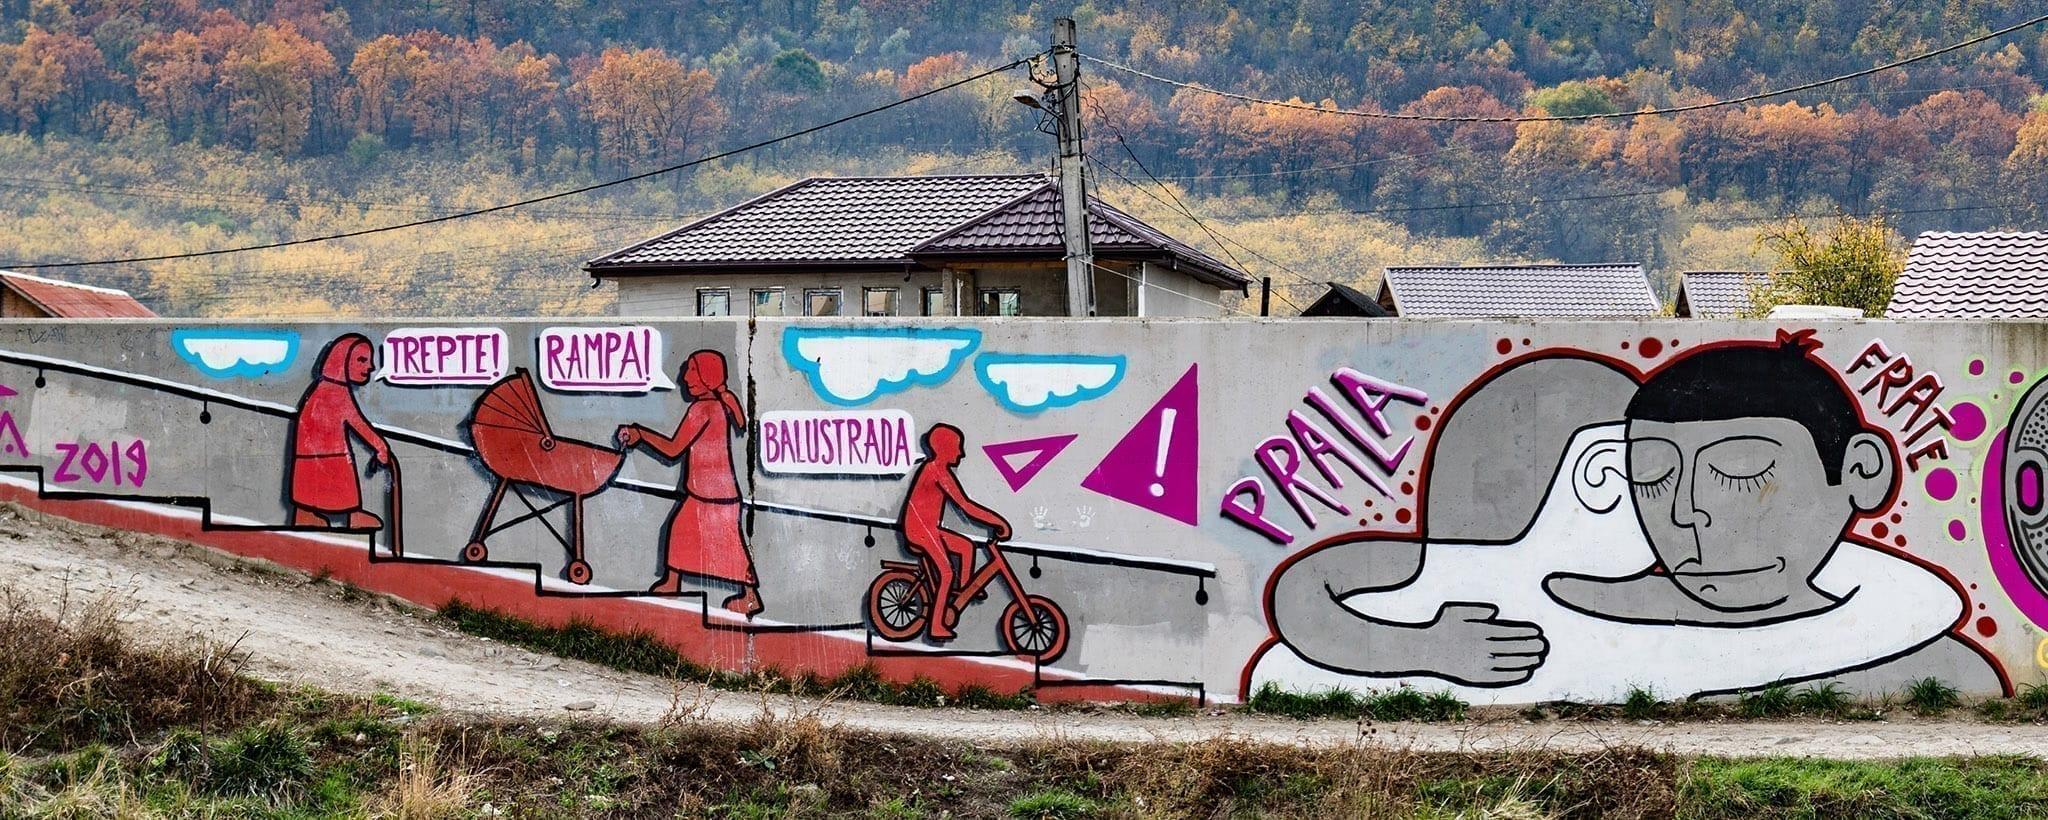 Harcea Pacea - Inziderabilii foto Ciprian Minea 2019 / Un-hidden street art in Romania book art files: IAȘI